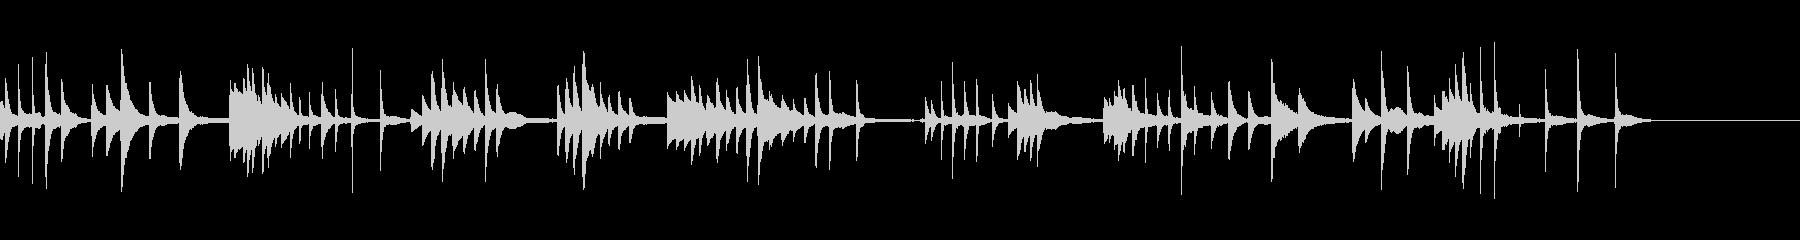 きらびやかで感動的なピアノソロ楽曲の未再生の波形